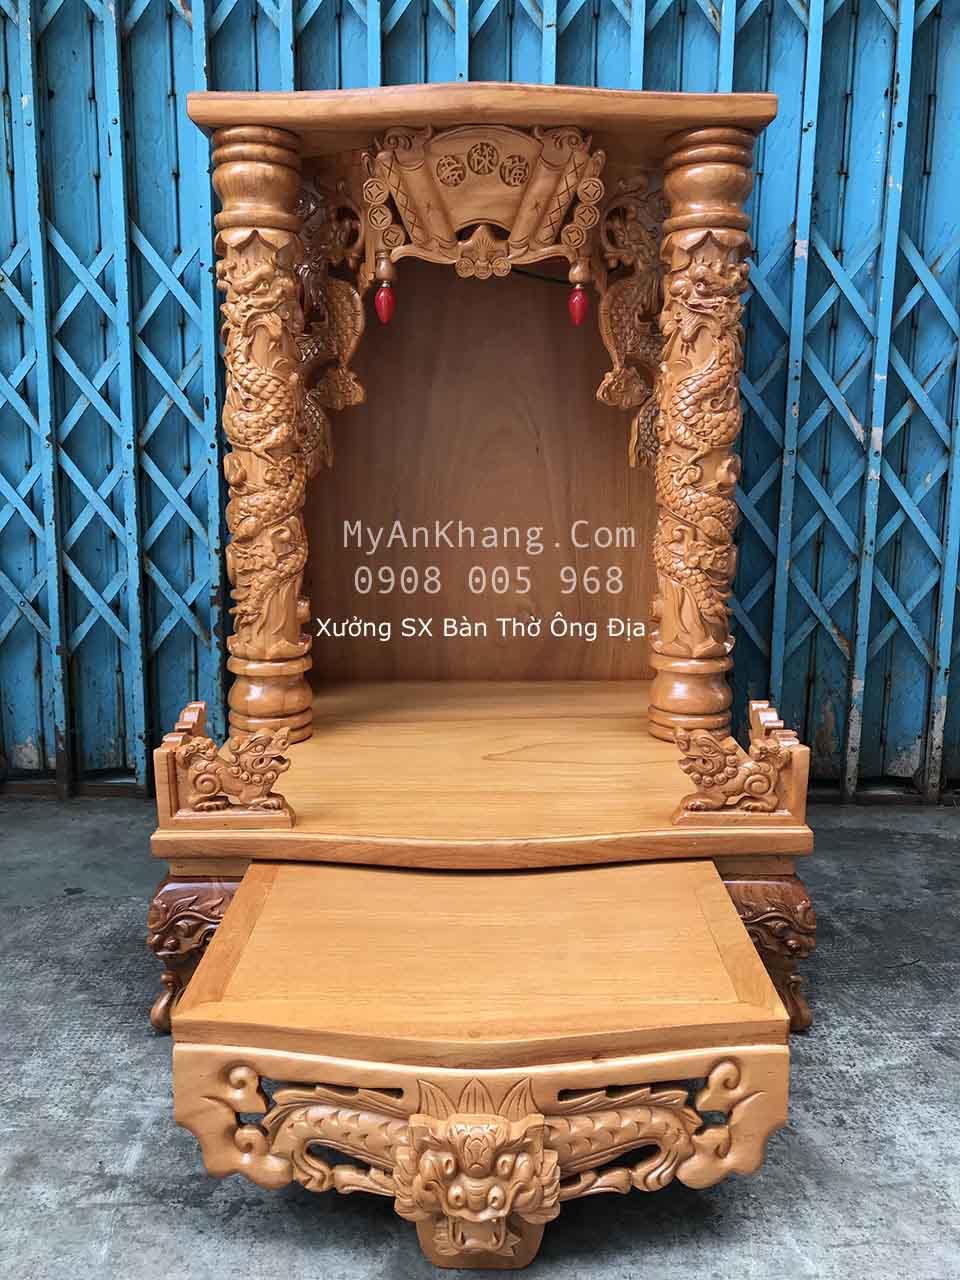 Trang bàn thờ thần tài đẹp Mỹ An Khang